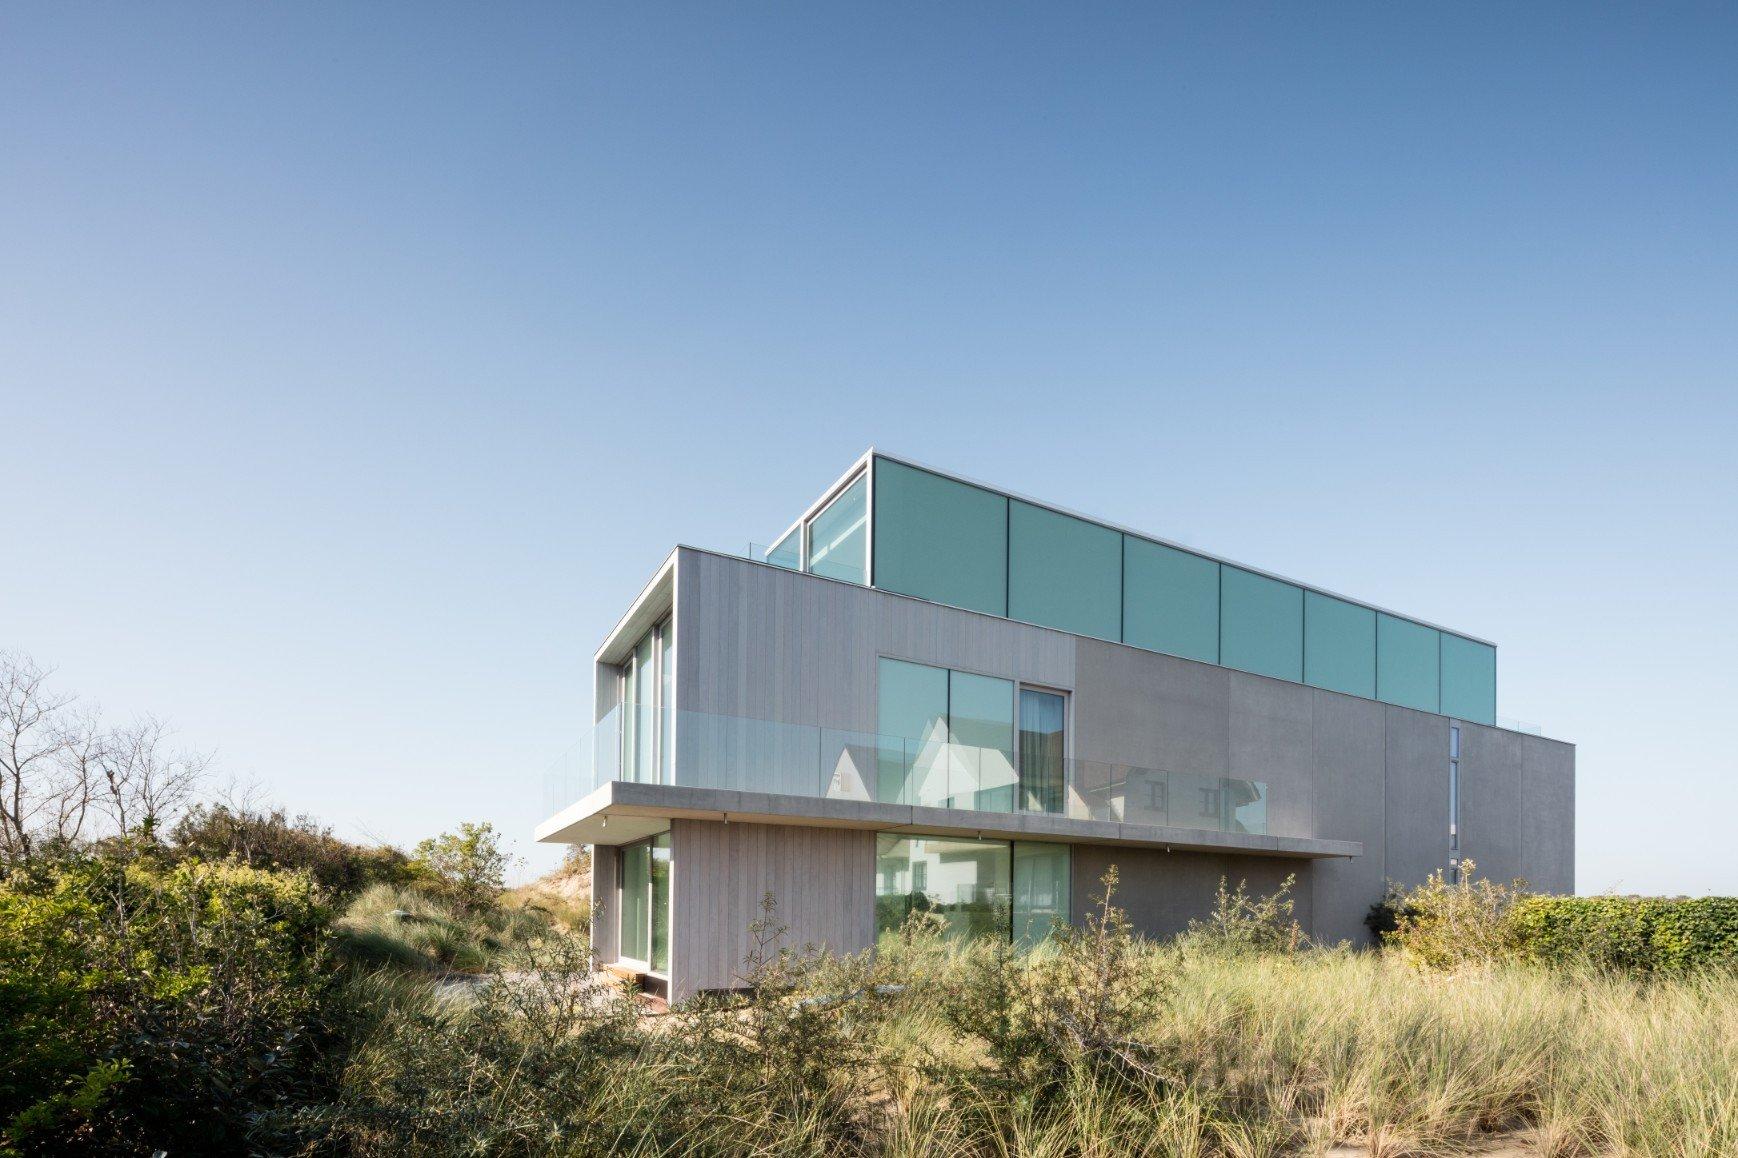 Rietveldprojects-saarinen-appartement-design-architectuur-kust-tvdv2